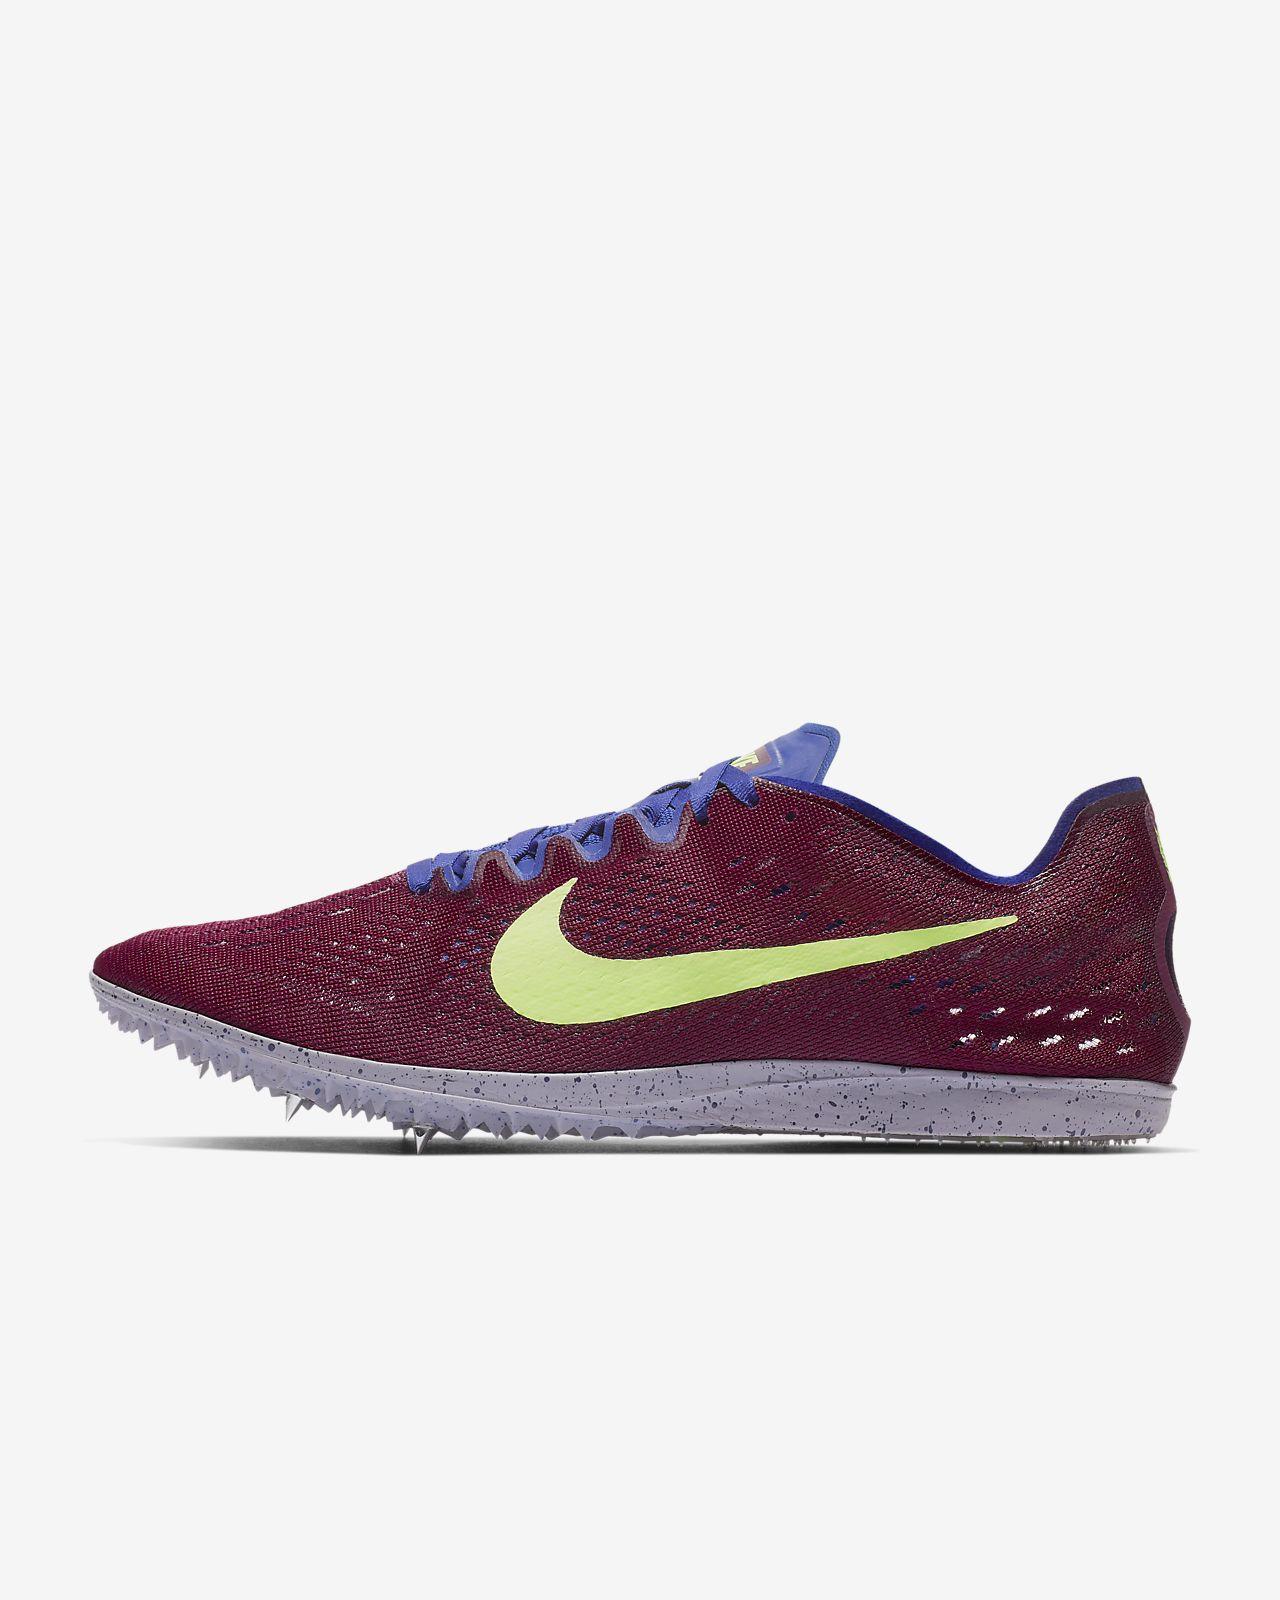 Longue Matumbo Pointes 3 Chaussure Mixte Distance Nike Zoom À De Course b2I9WEDeHY